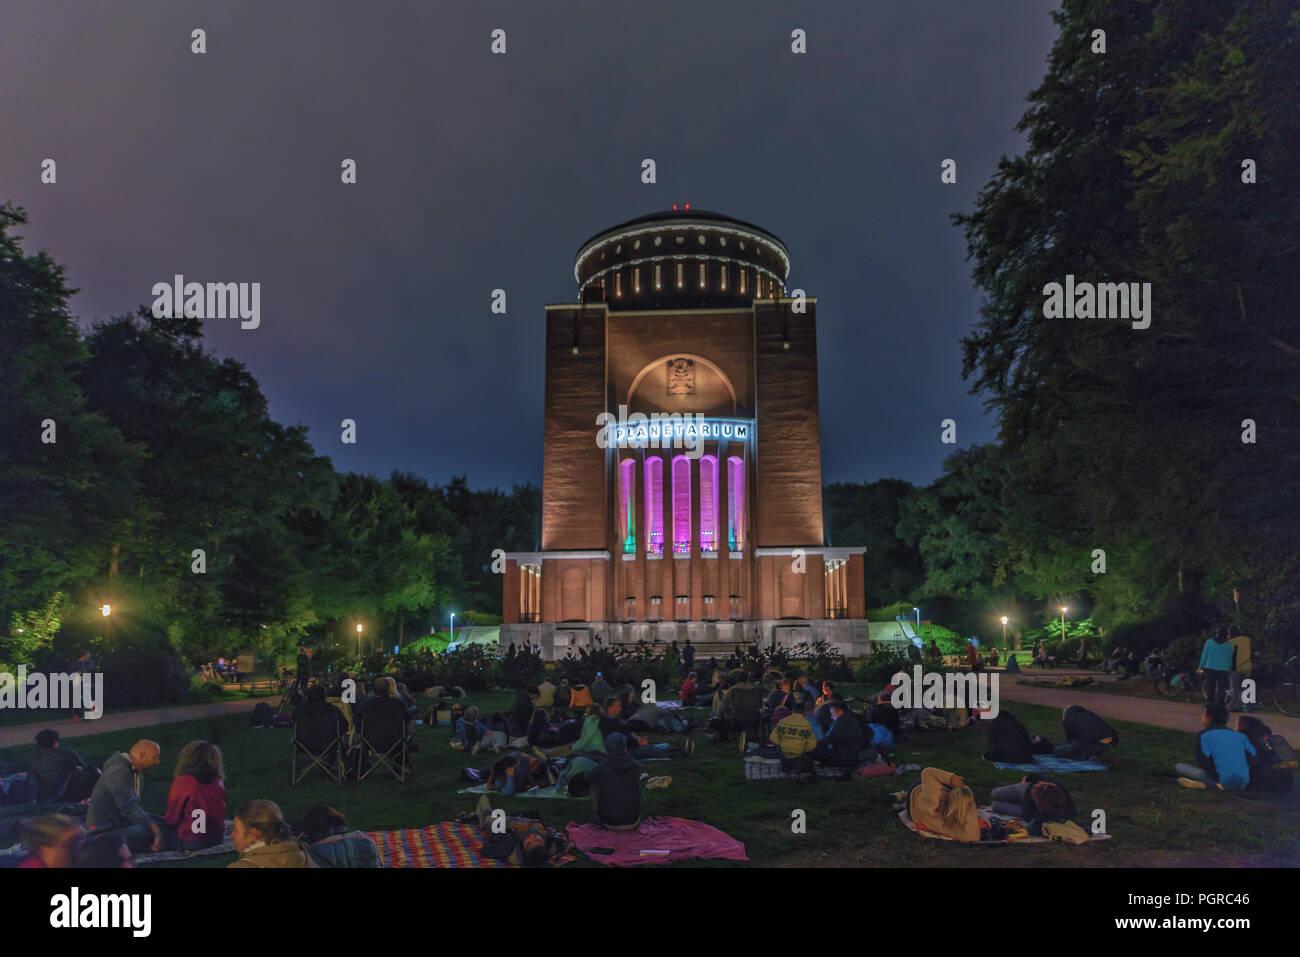 Planetarium im Stadtpark Hamburg - Klangwolke zum Vollmond - - Stock Image